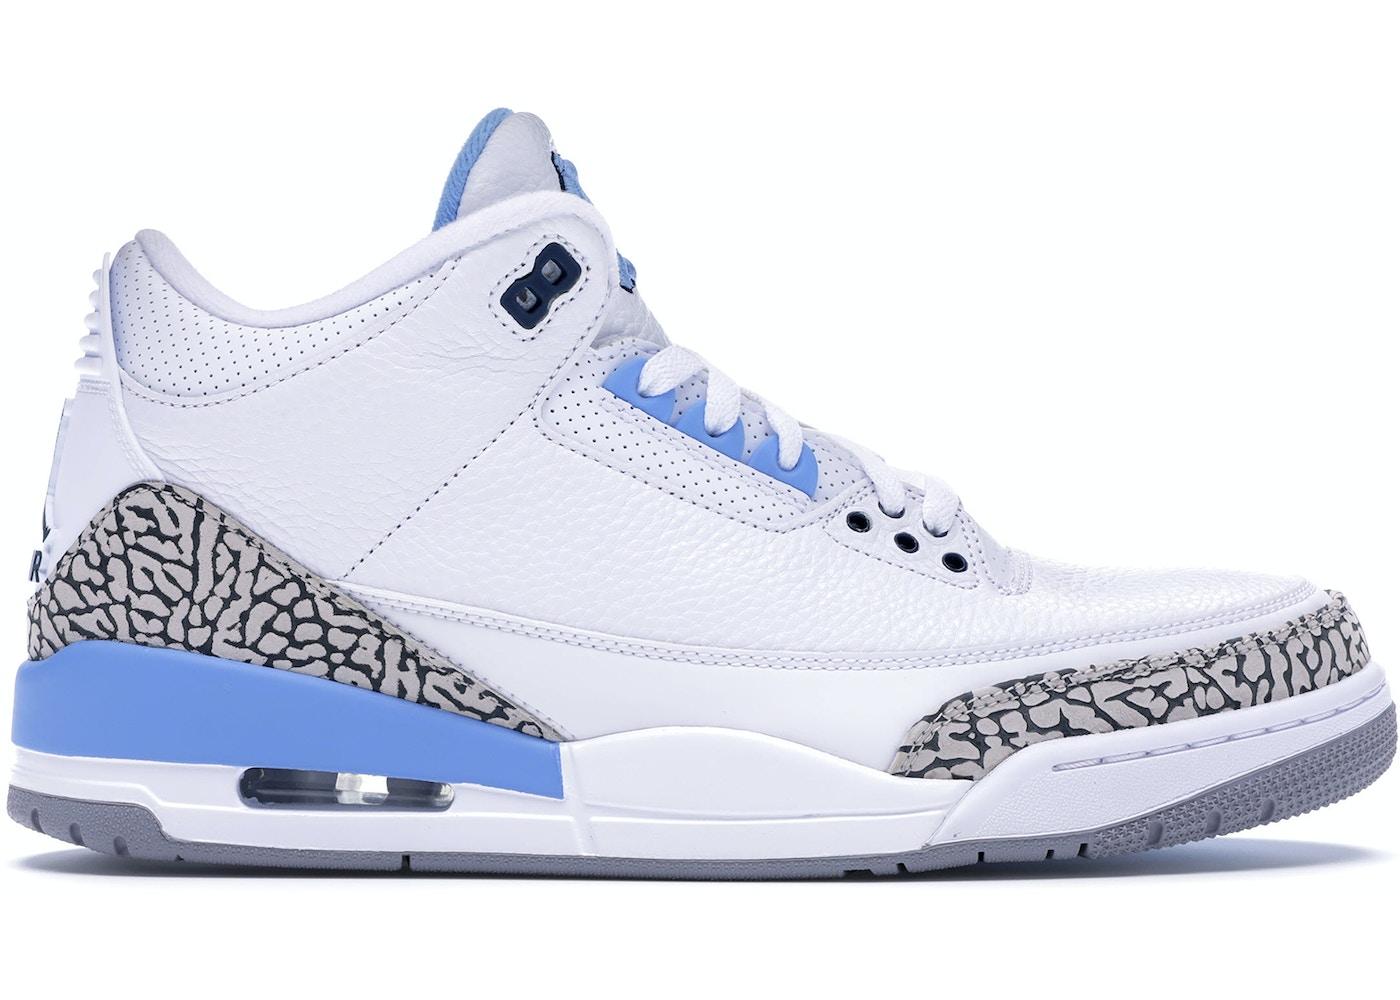 31f3de1c1b86 Air Jordan Shoes - Average Sale Price